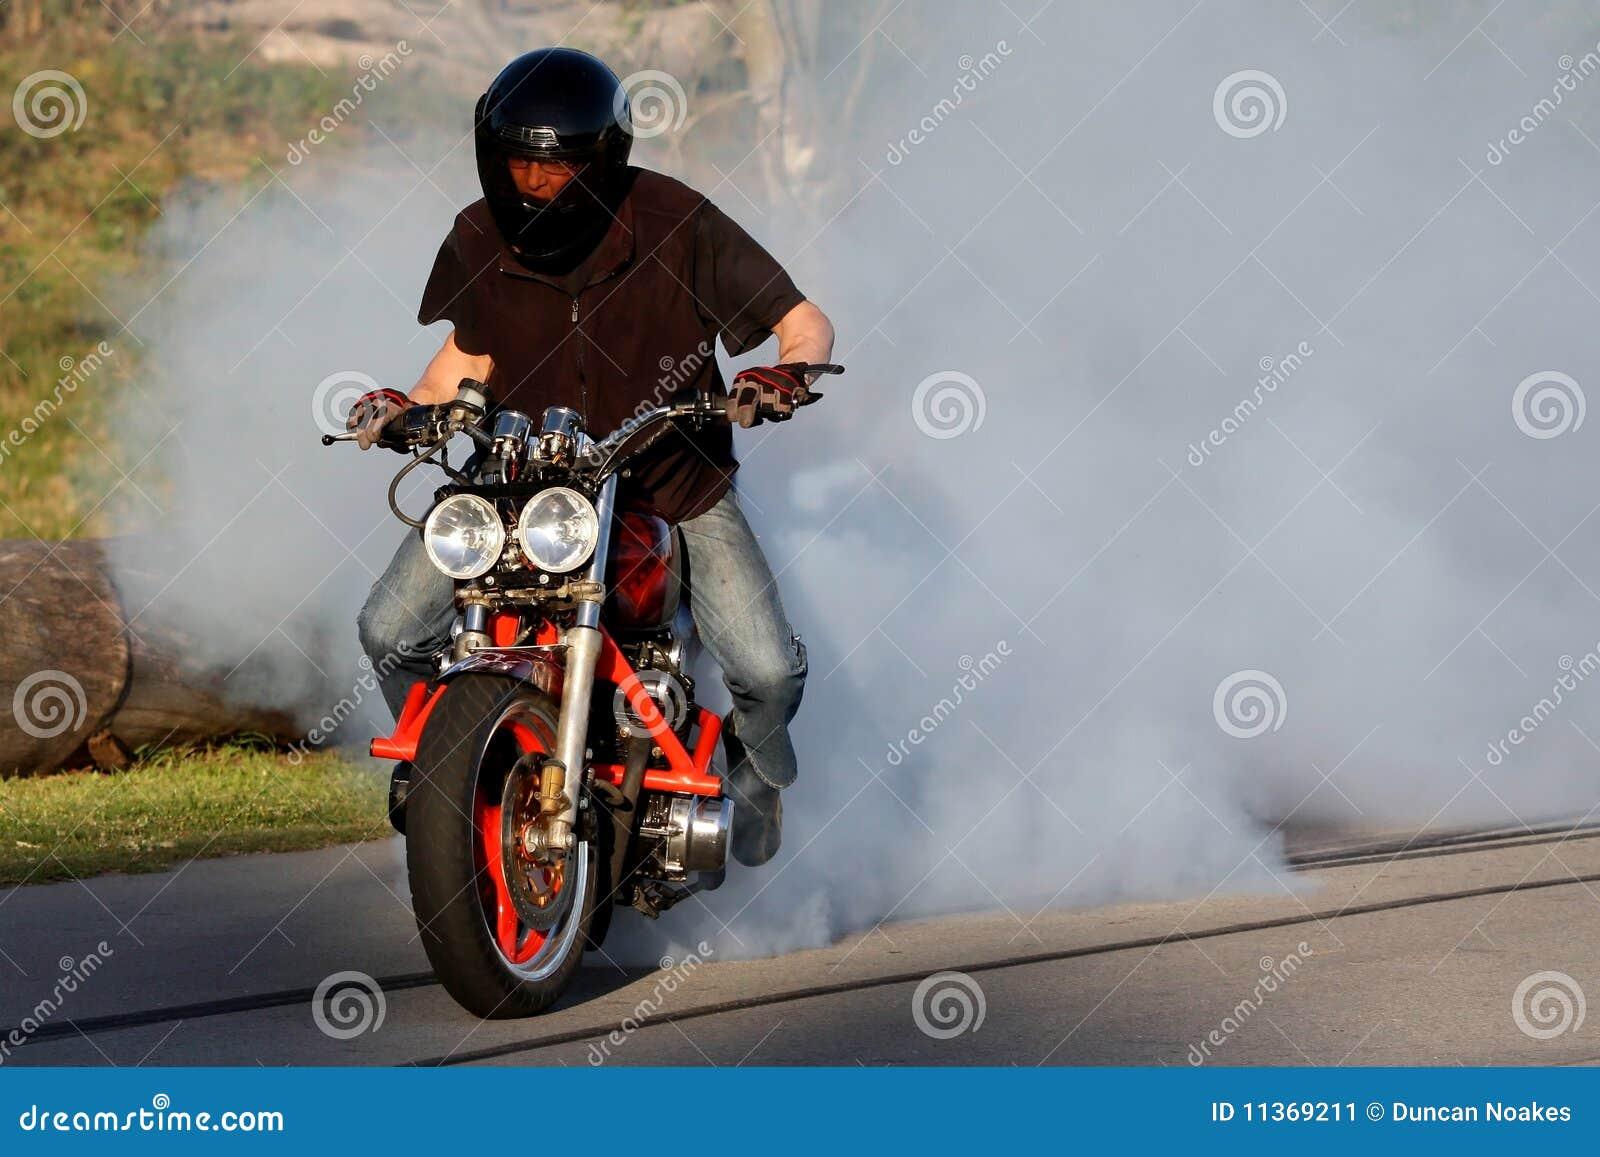 Motorbike Rider Burnout Stock Image Image 11369211